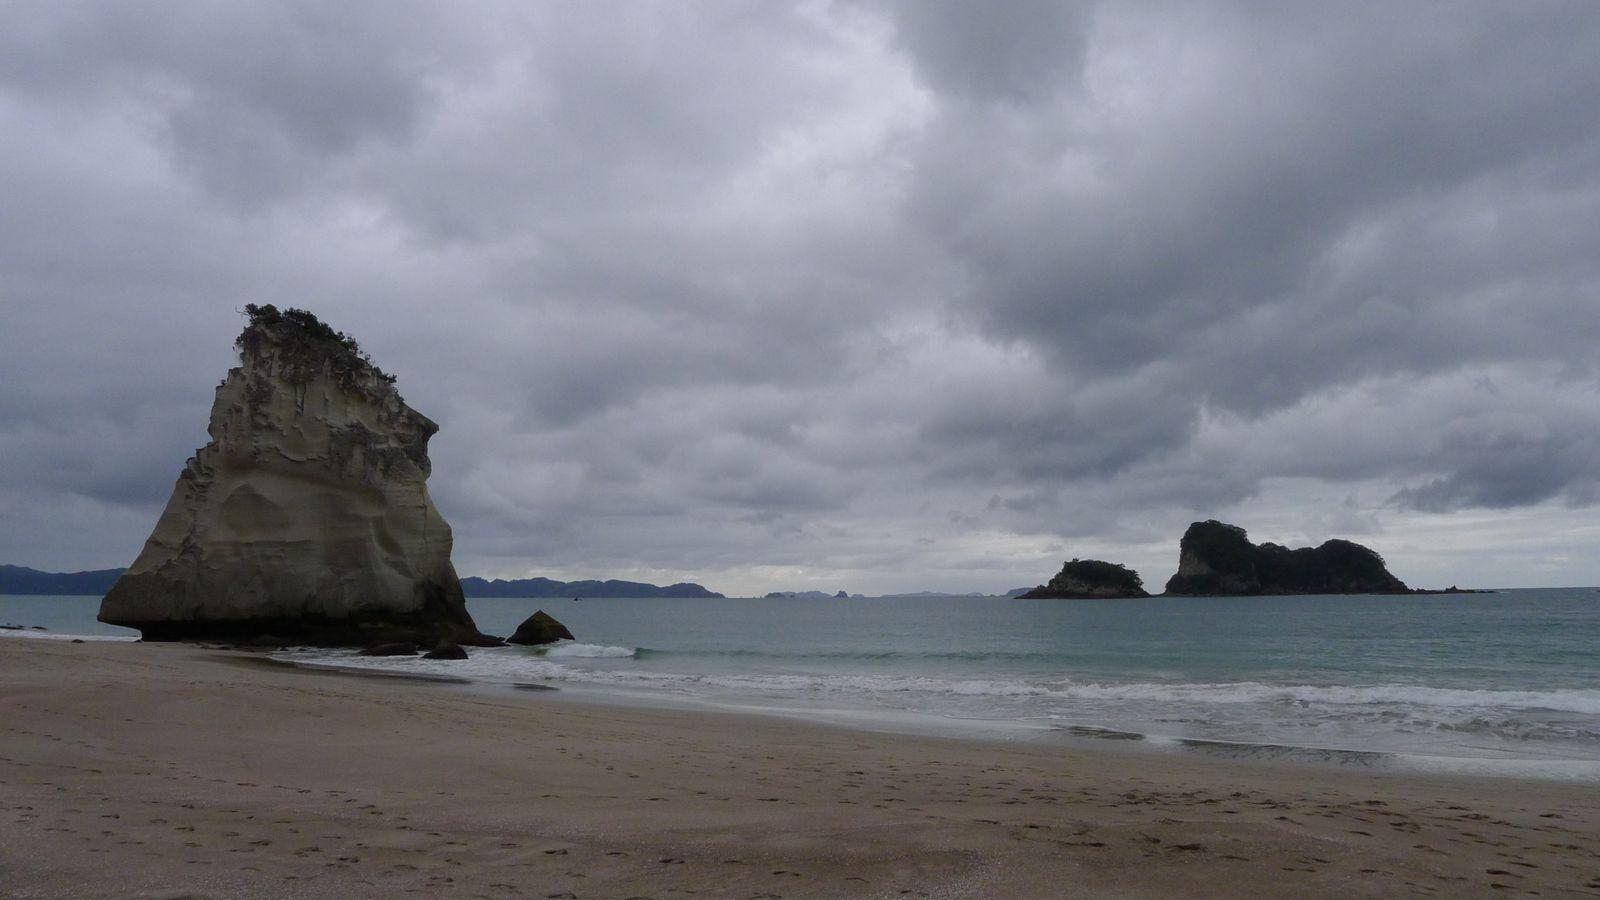 TDM épisode 20 - La vraie aventure Néo Zélandaise: L'île du Nord, le Mordor et puis la fin aussi.